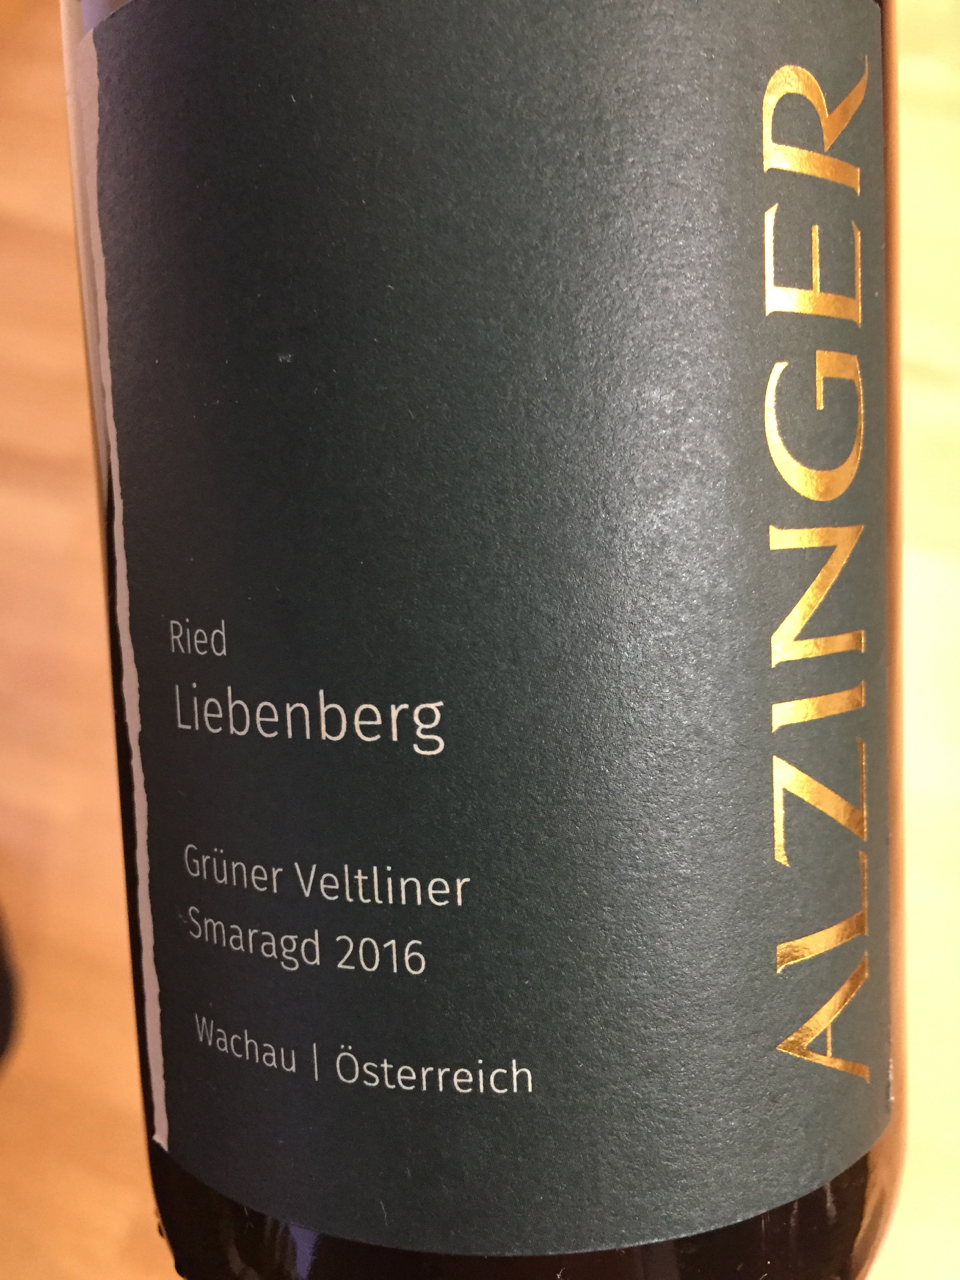 Grüner Veltliner (13).jpg